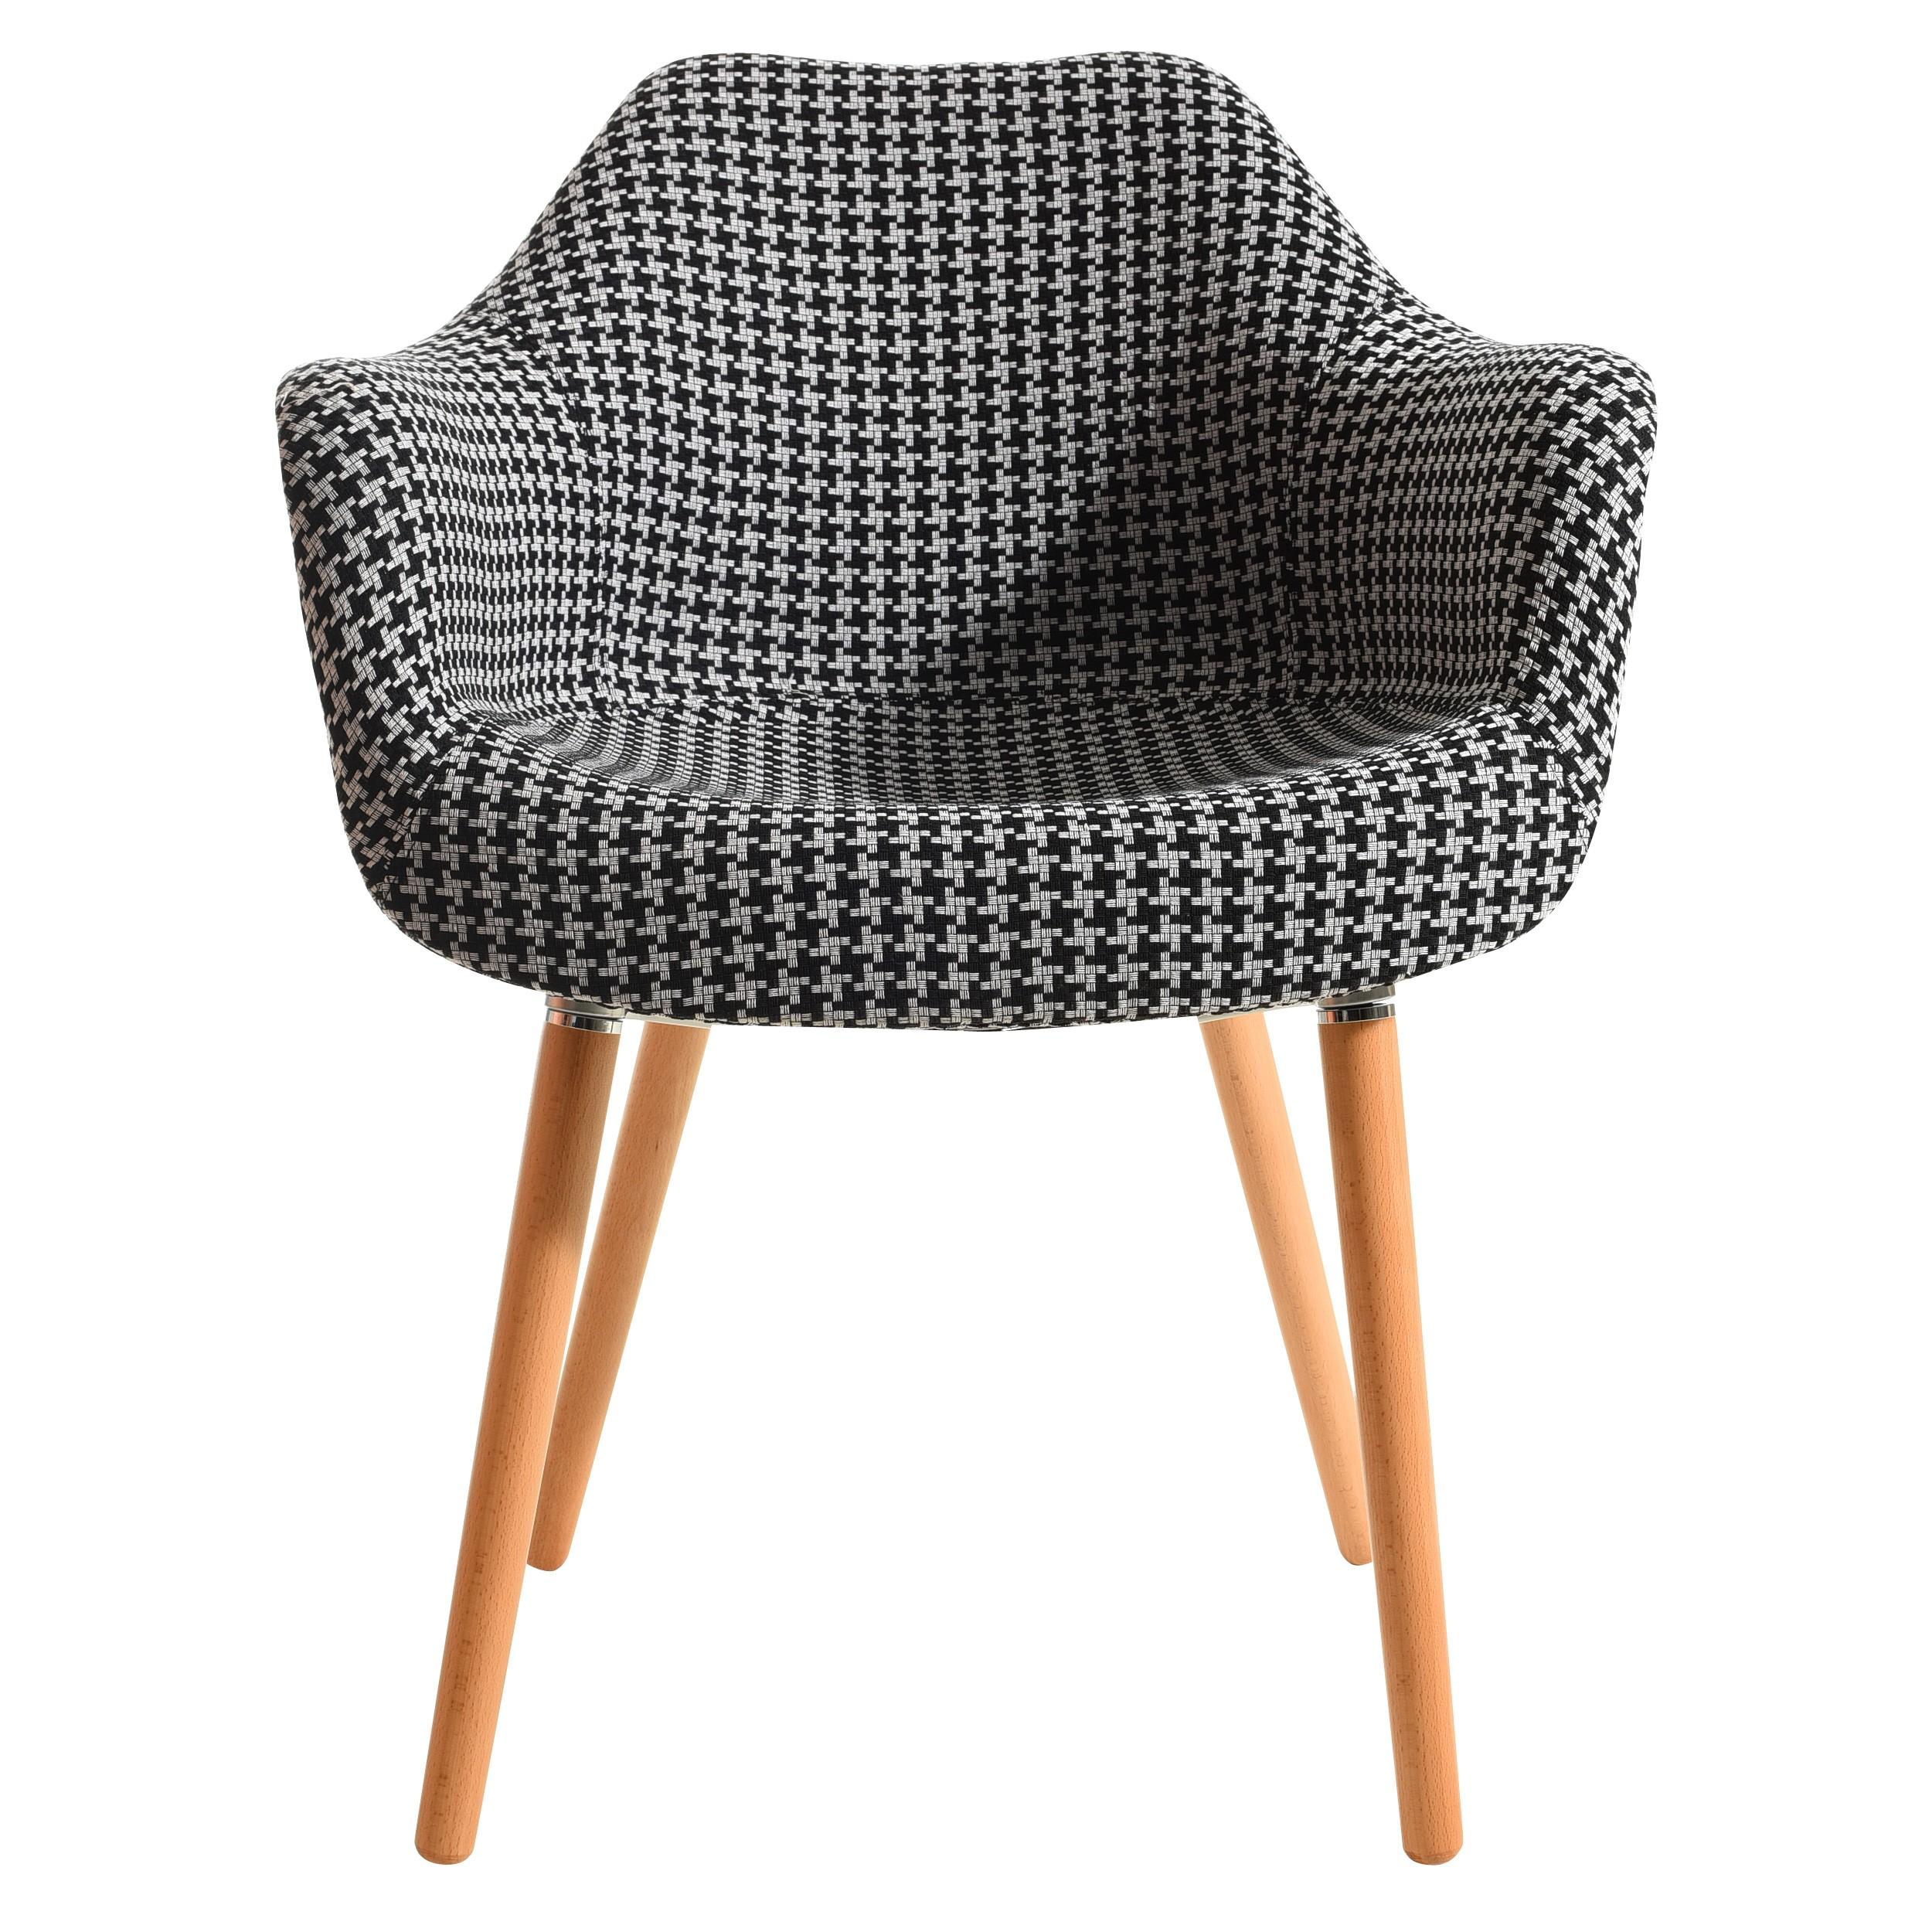 acheter chaise motif tissu et pieds bois Résultat Supérieur 31 Nouveau Acheter Chaise Photos 2017 Ksh4